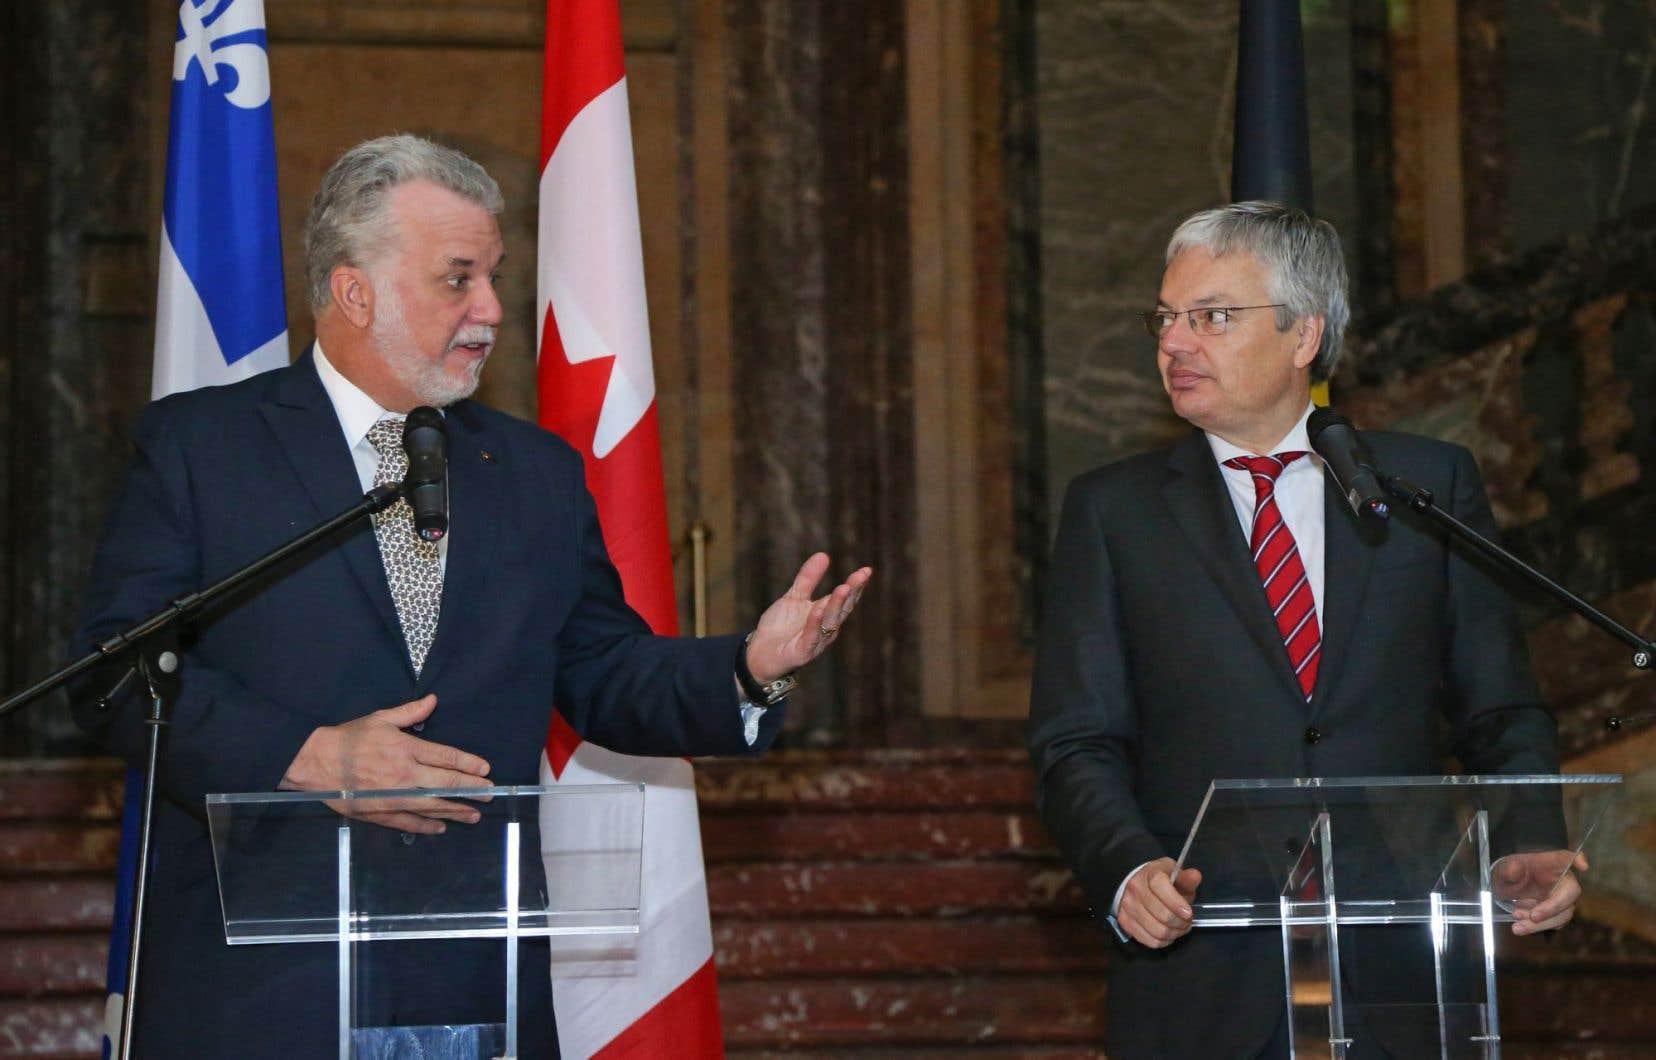 Au cours d'un point de presse en compagnie de Philippe Couillard, le ministre belge des Affaires étrangères, Didier Reynders (à droite), s'est prononcé en faveur d'un «vrai débat» sur la lutte contre la radicalisation.